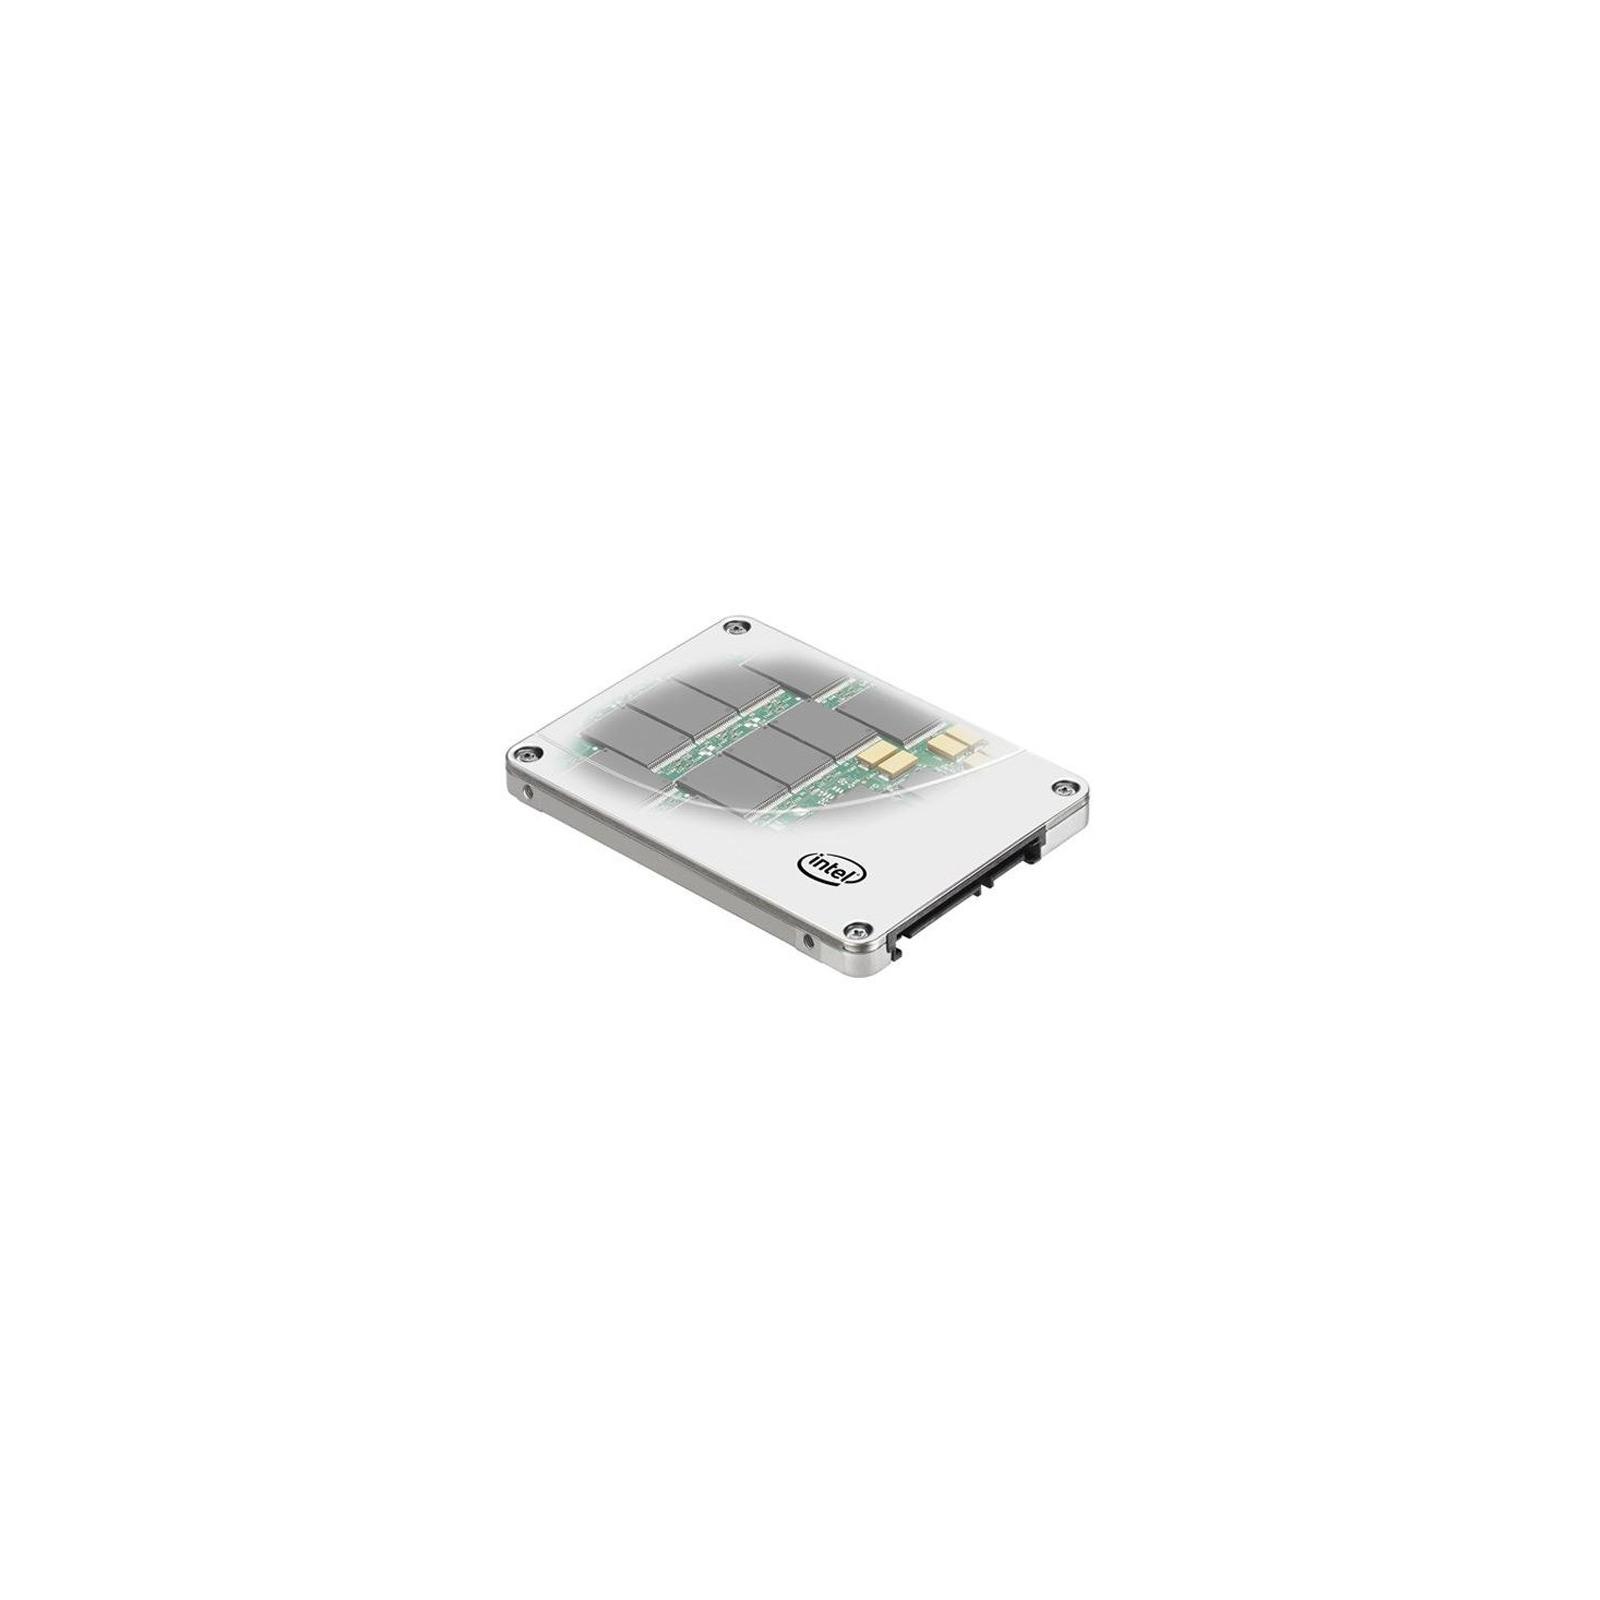 """Накопитель SSD 2.5"""" 128GB INTEL (SSDSC2KW128G8X1) изображение 5"""